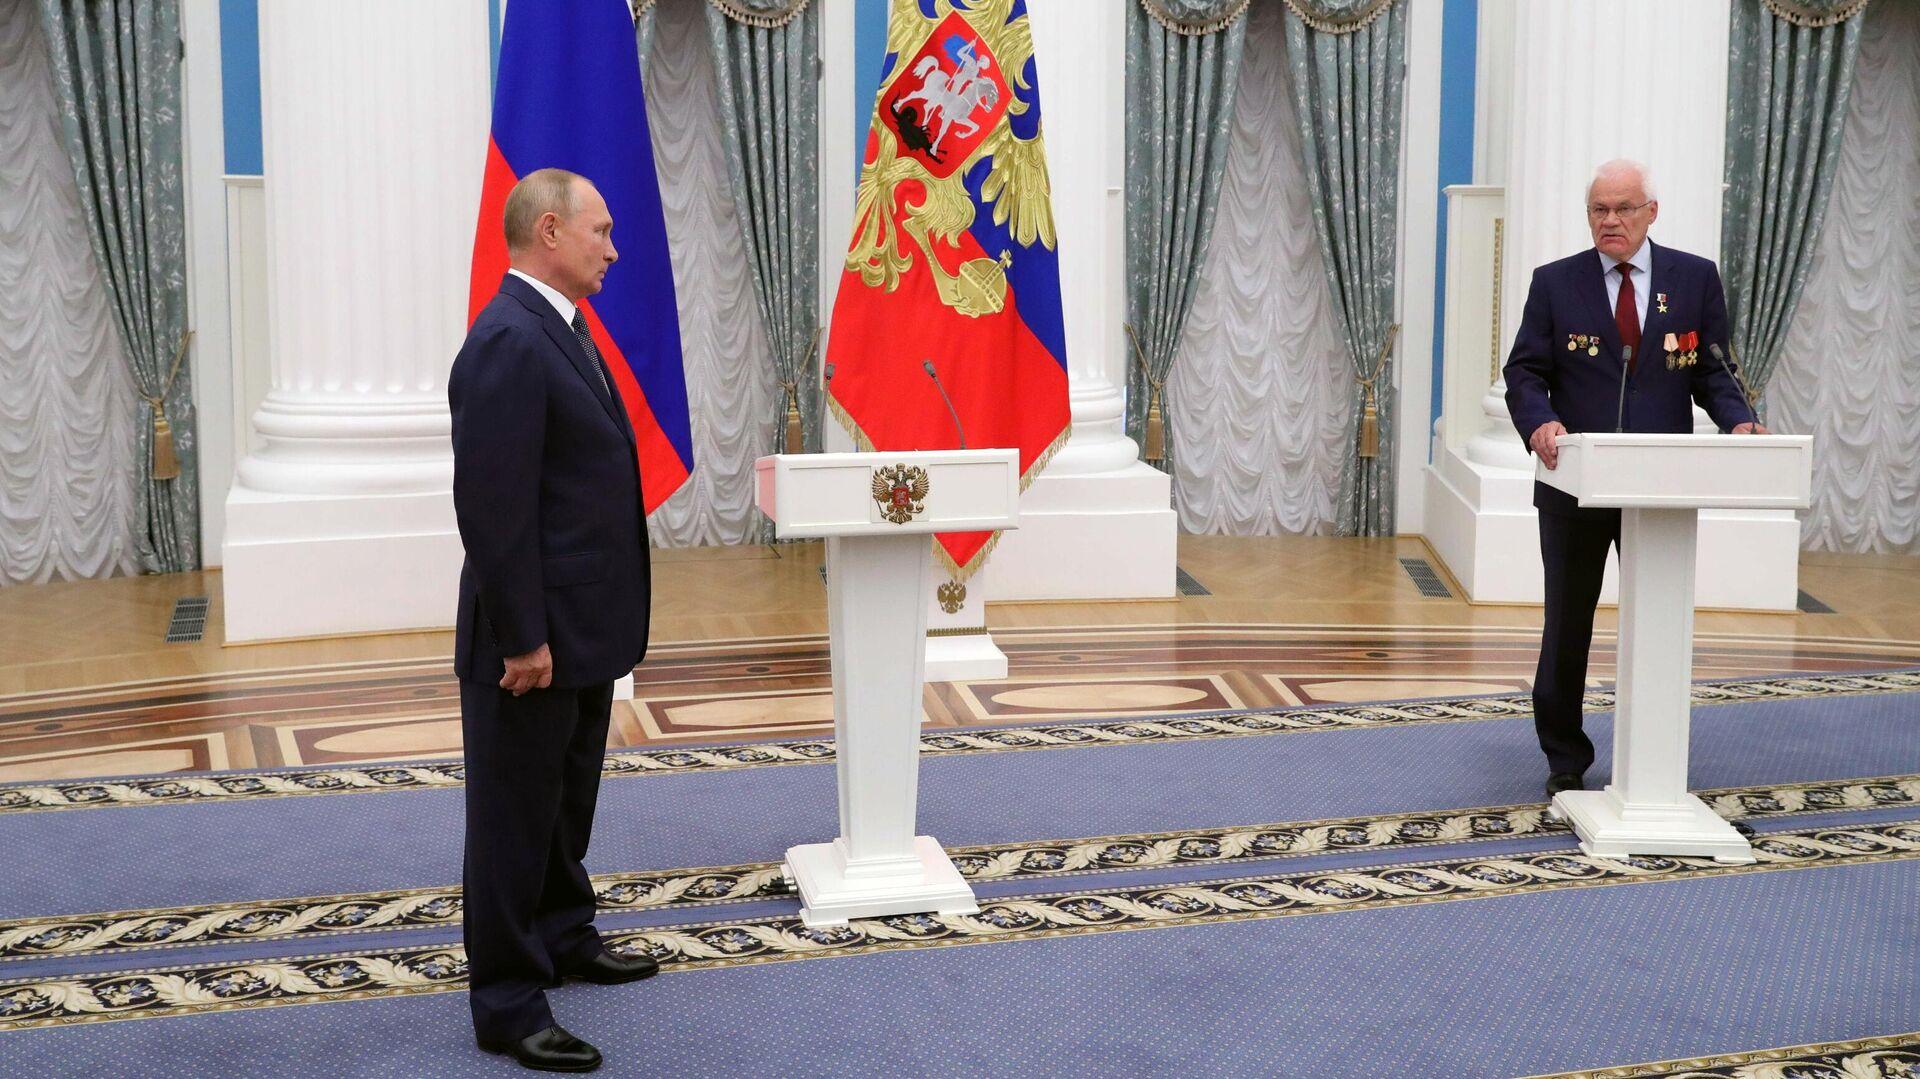 1577671787 0:311:3077:2041 1920x0 80 0 0 63bec8cda5432174ce3b122d1cfbe452 - Песков рассказал о формате мероприятий с участием Путина